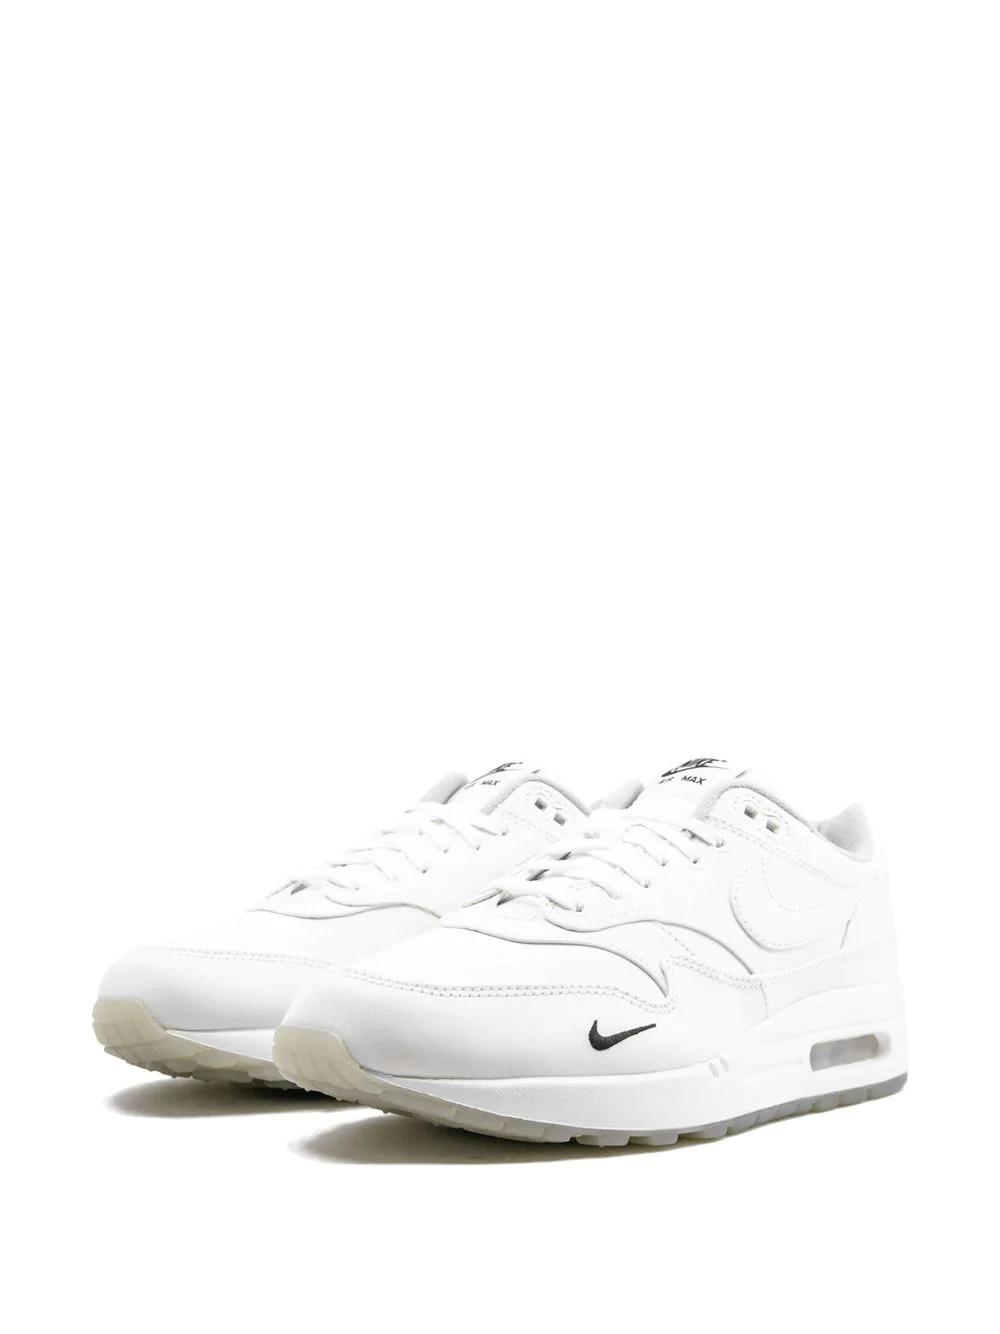 NIKE Air Max 1 sneakers, 792лв.